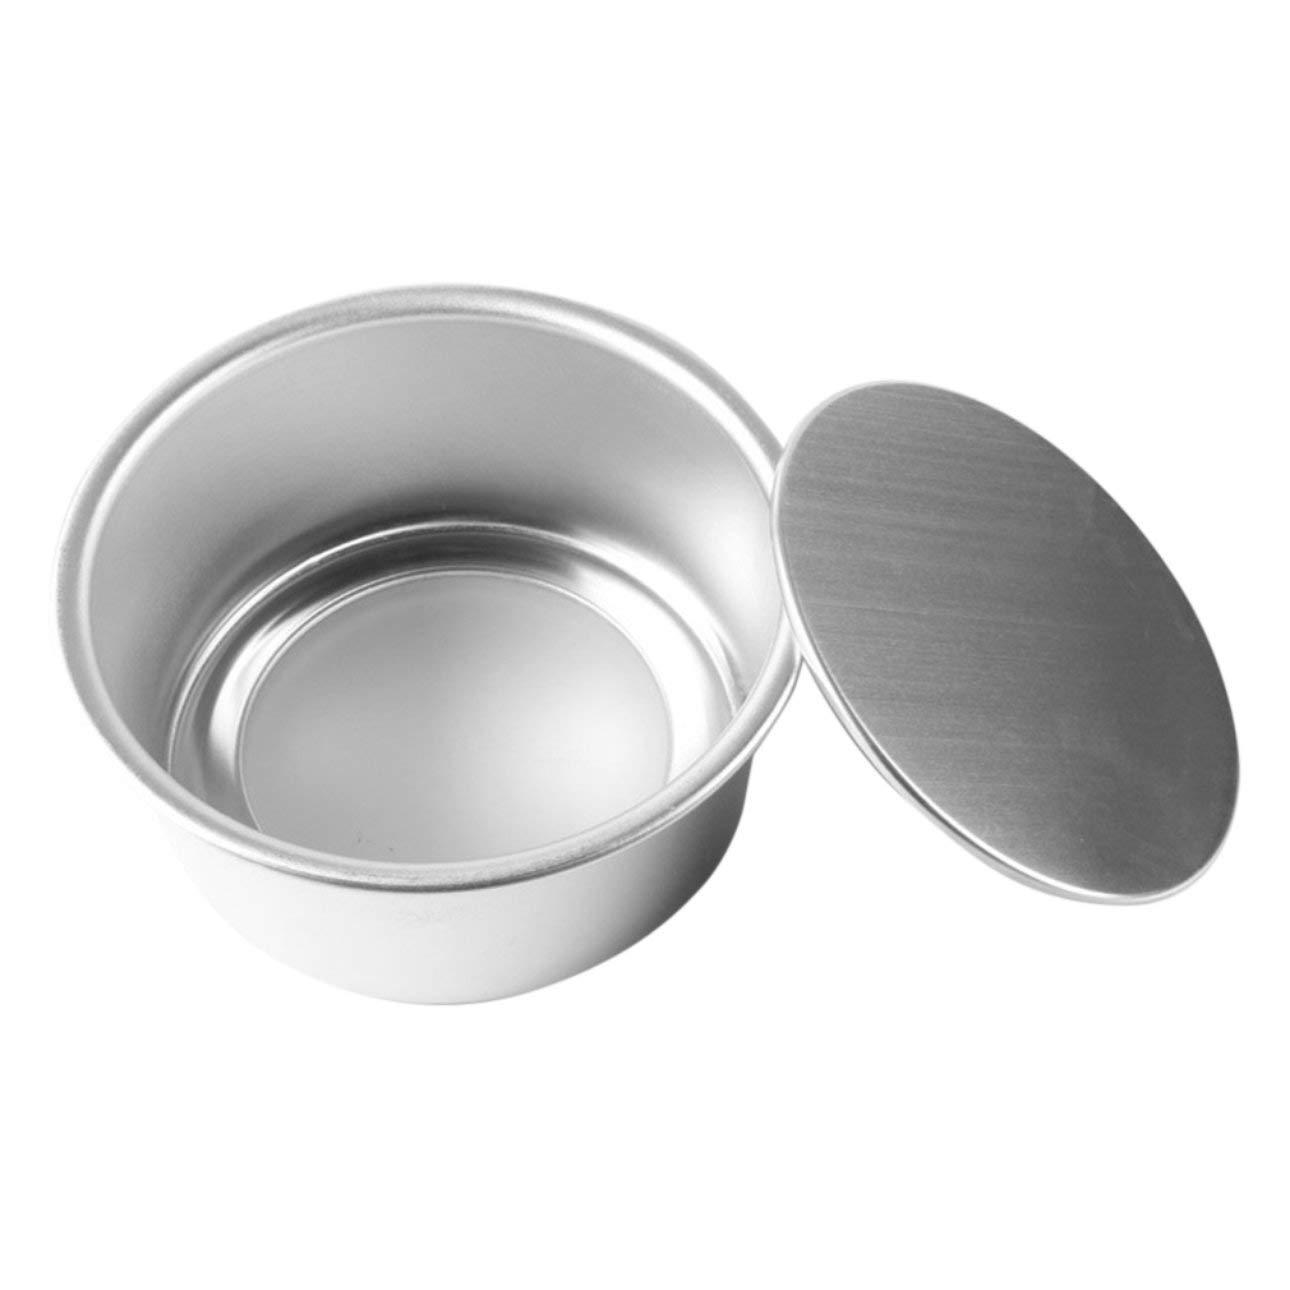 Ballylelly Alliage D'aluminium Ronde 8 Pouce Moule À Cake Outil De Gâteau Outil De Cuisson Moule À Cuire Pan Bakeware Outil Cuisine Accessoires